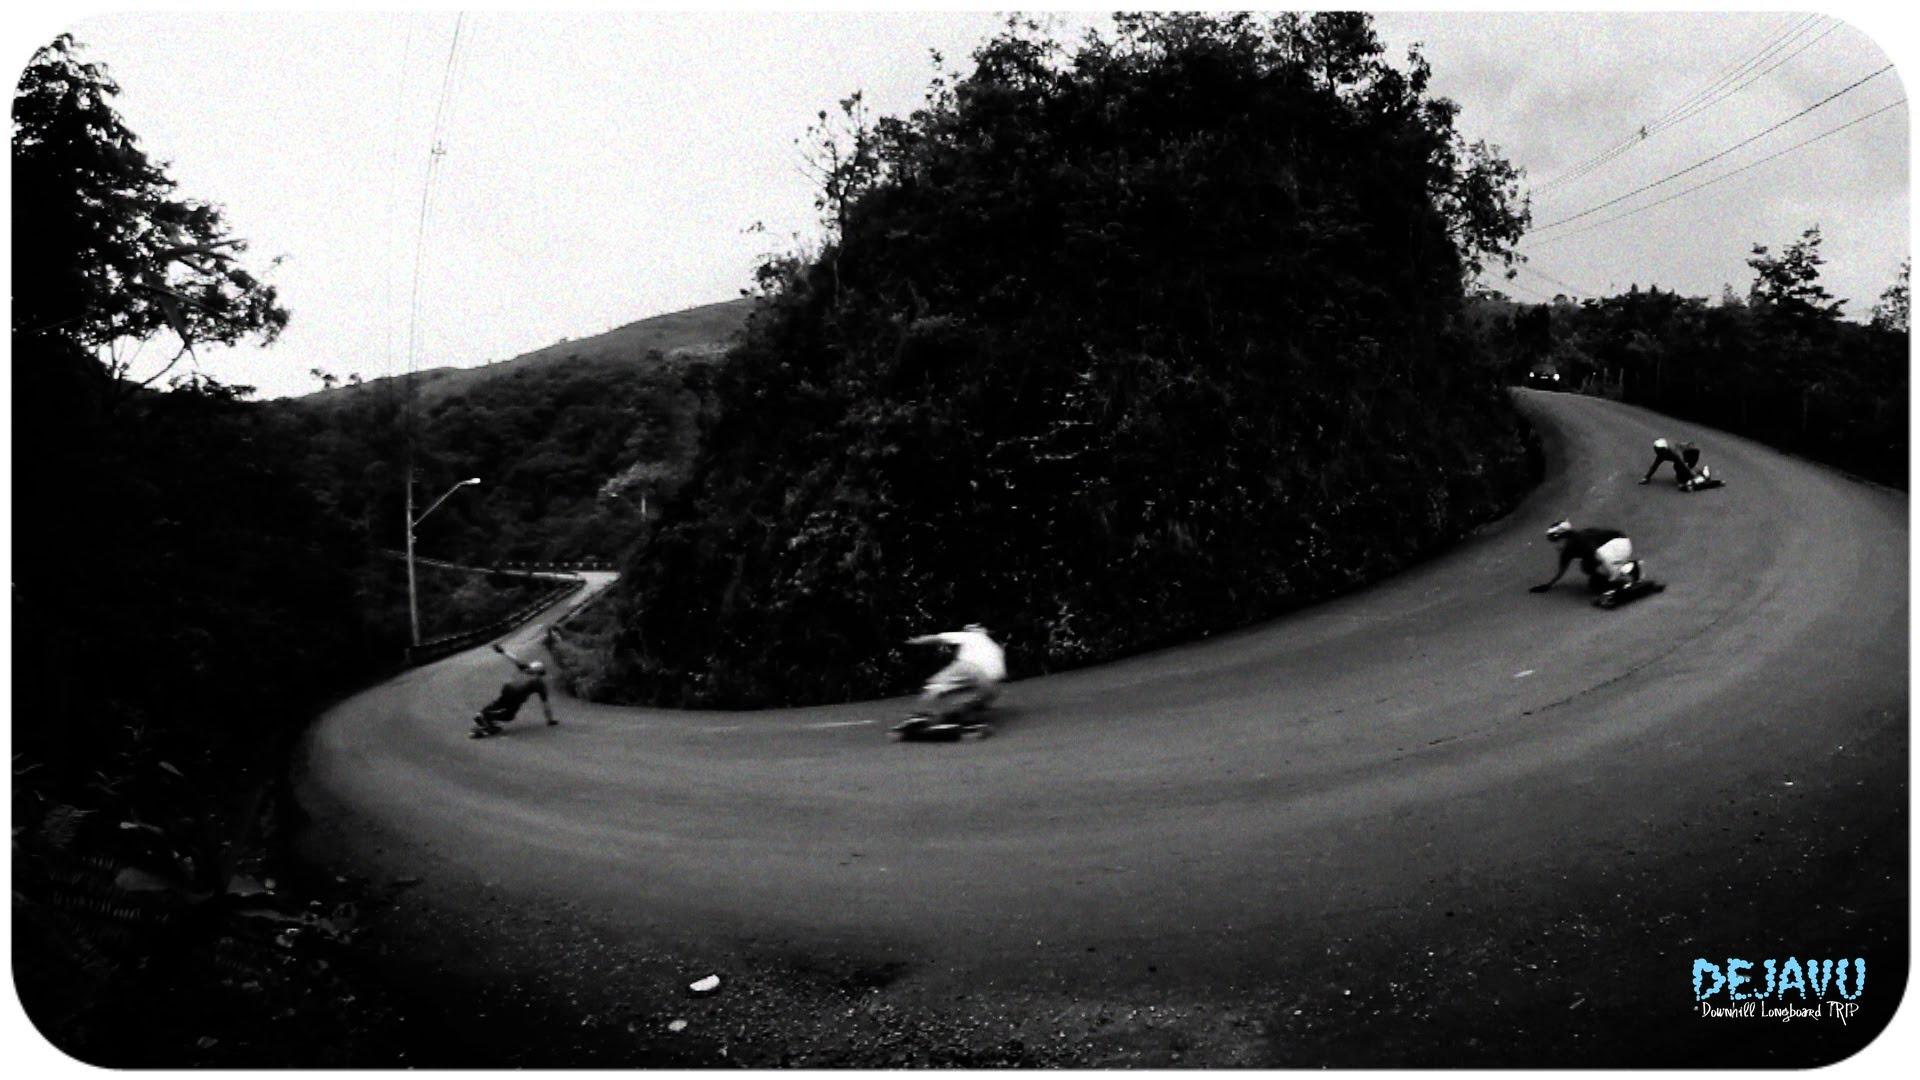 DEJAVU Downhill Longboard TRIP 1920x1080